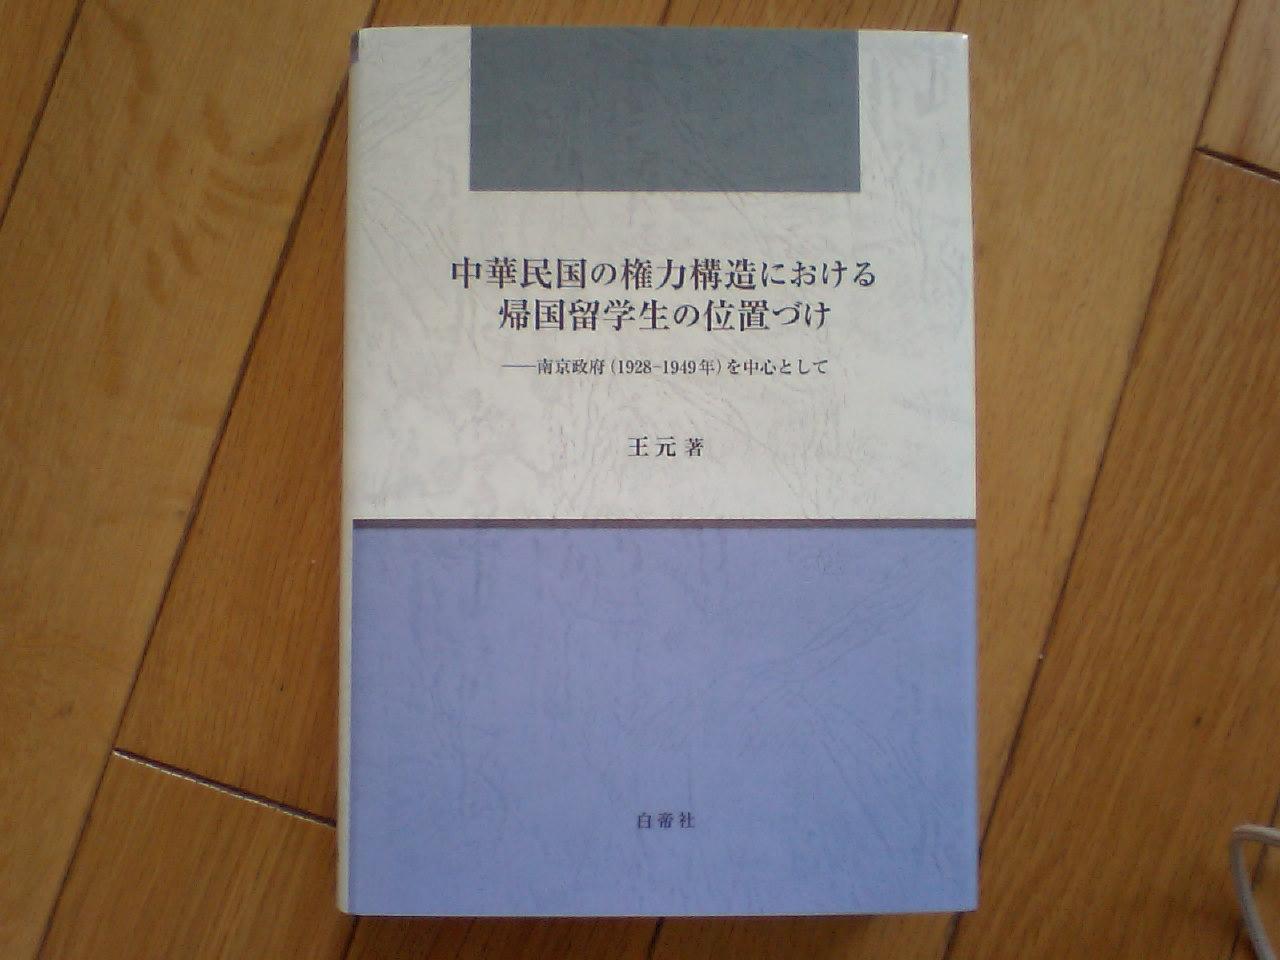 王元博士の博士論文が刊行されました、おめでとうございます。_d0027795_11351063.jpg